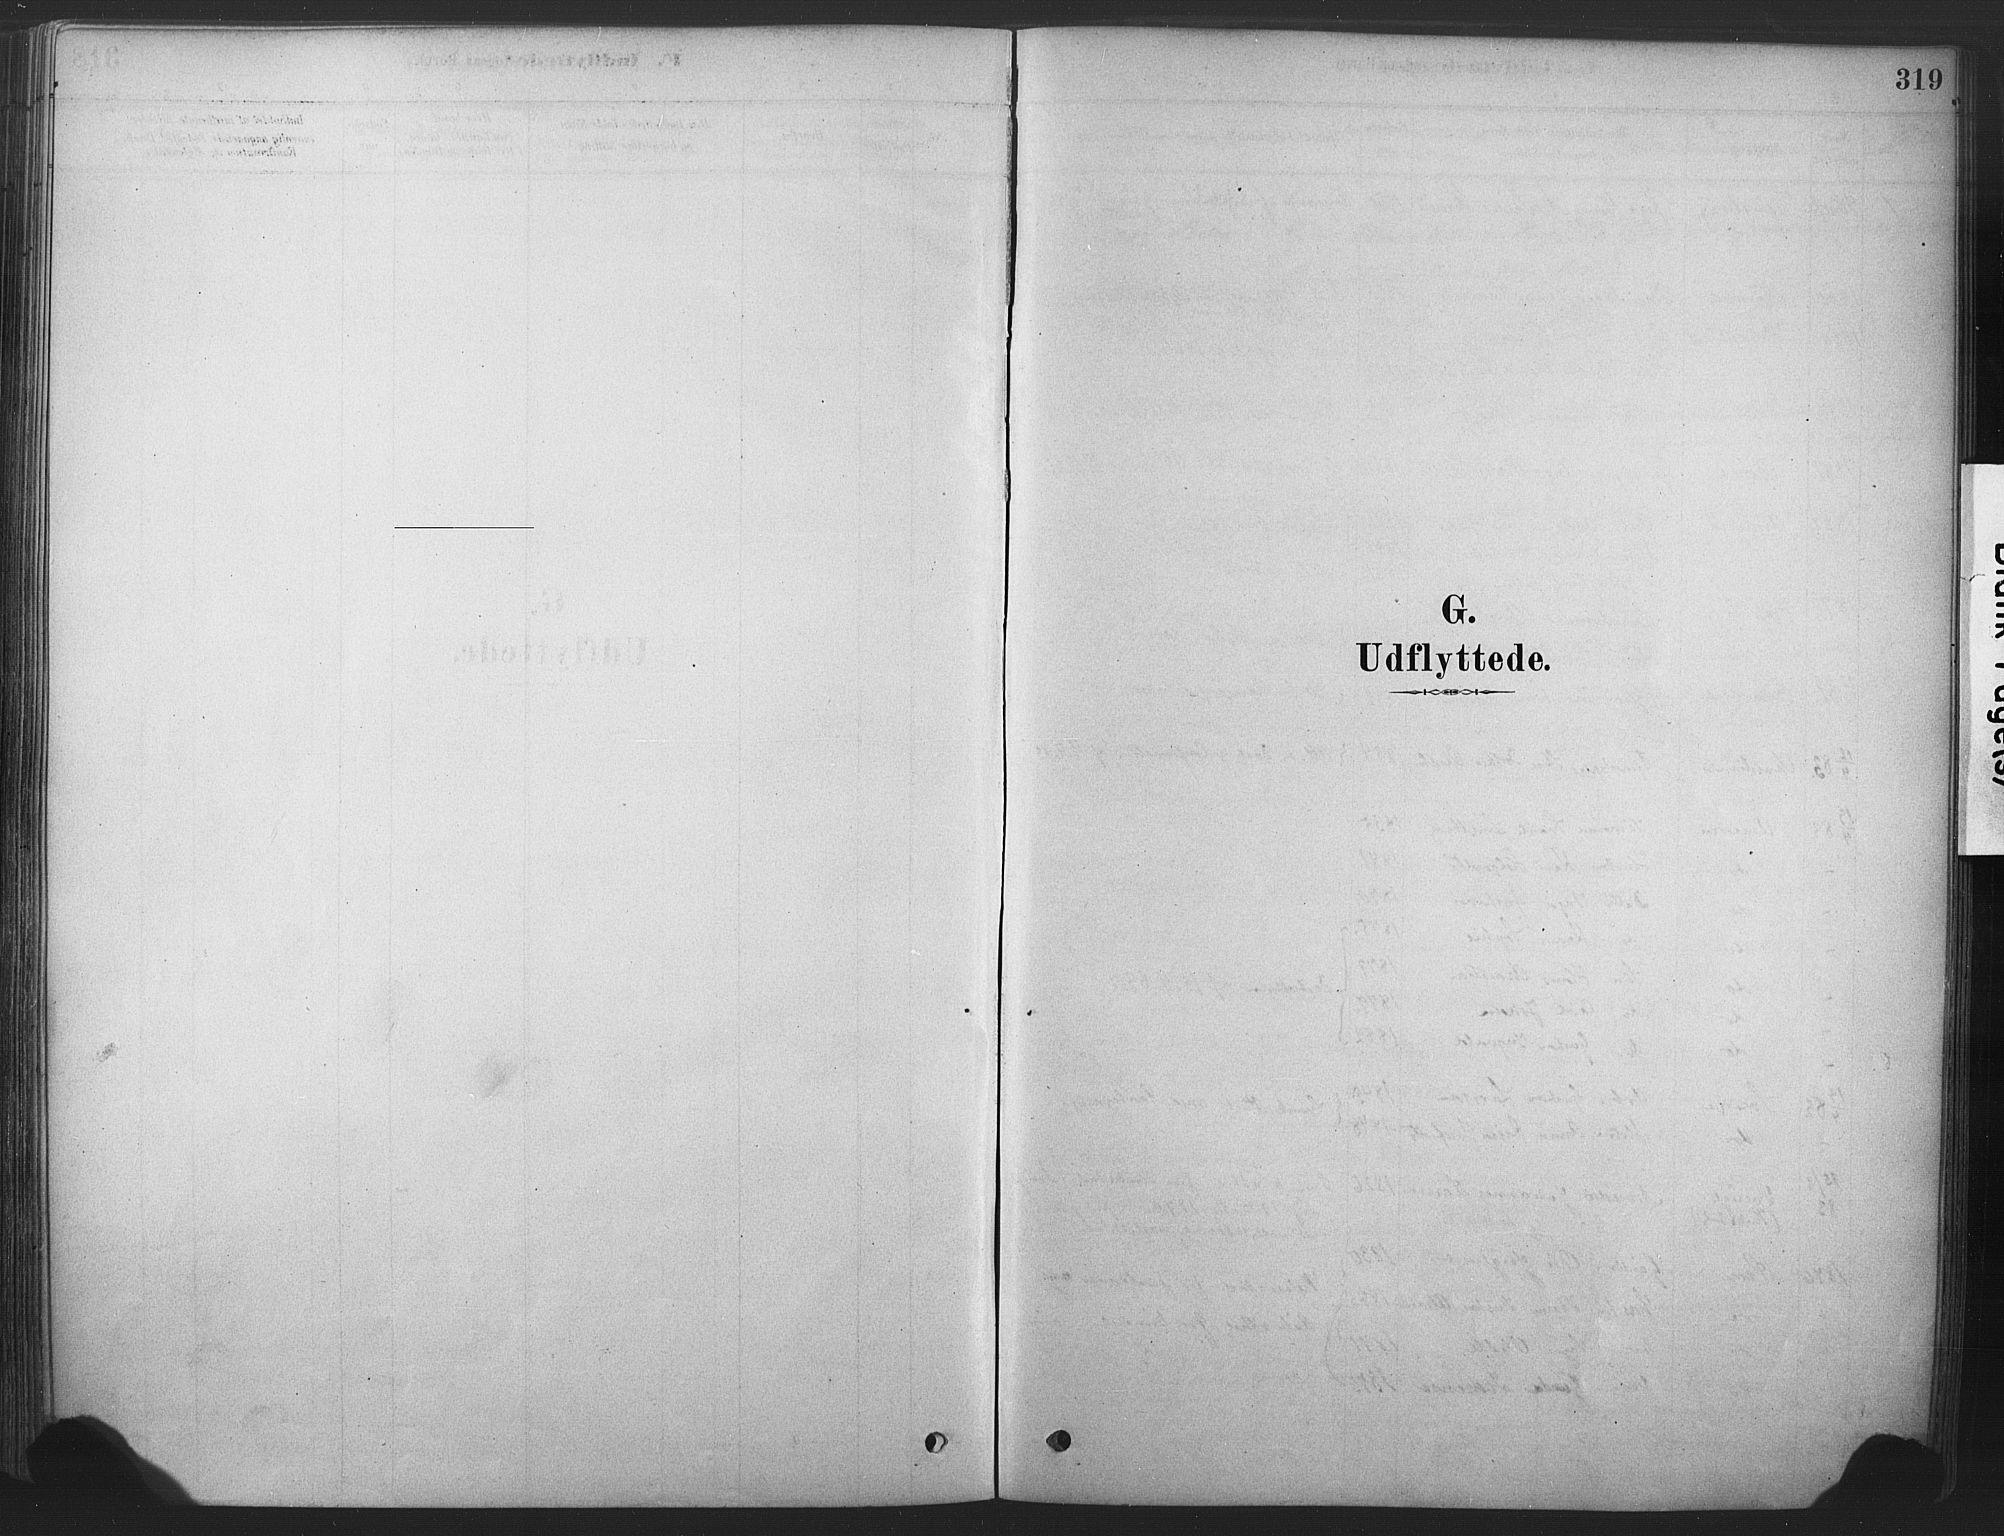 SAKO, Våle kirkebøker, F/Fa/L0011: Ministerialbok nr. I 11, 1878-1906, s. 319